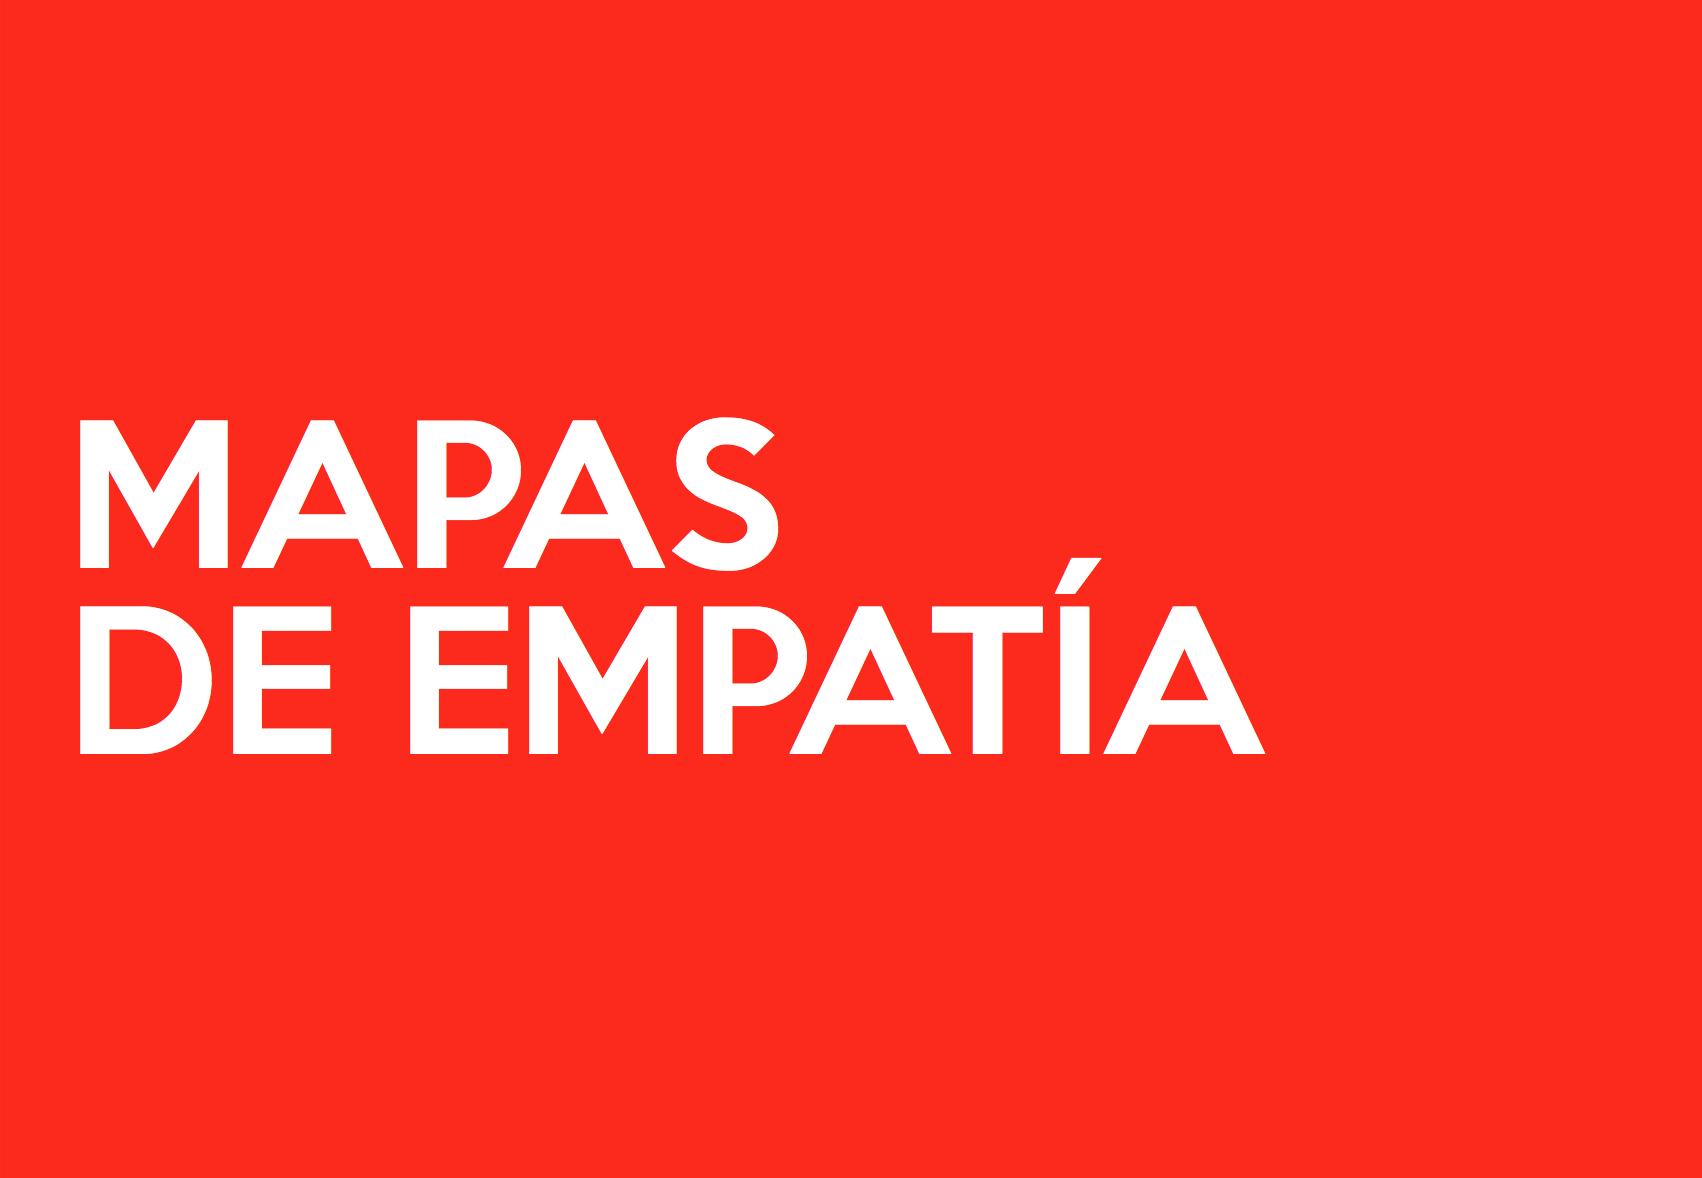 Mapas de Empatia